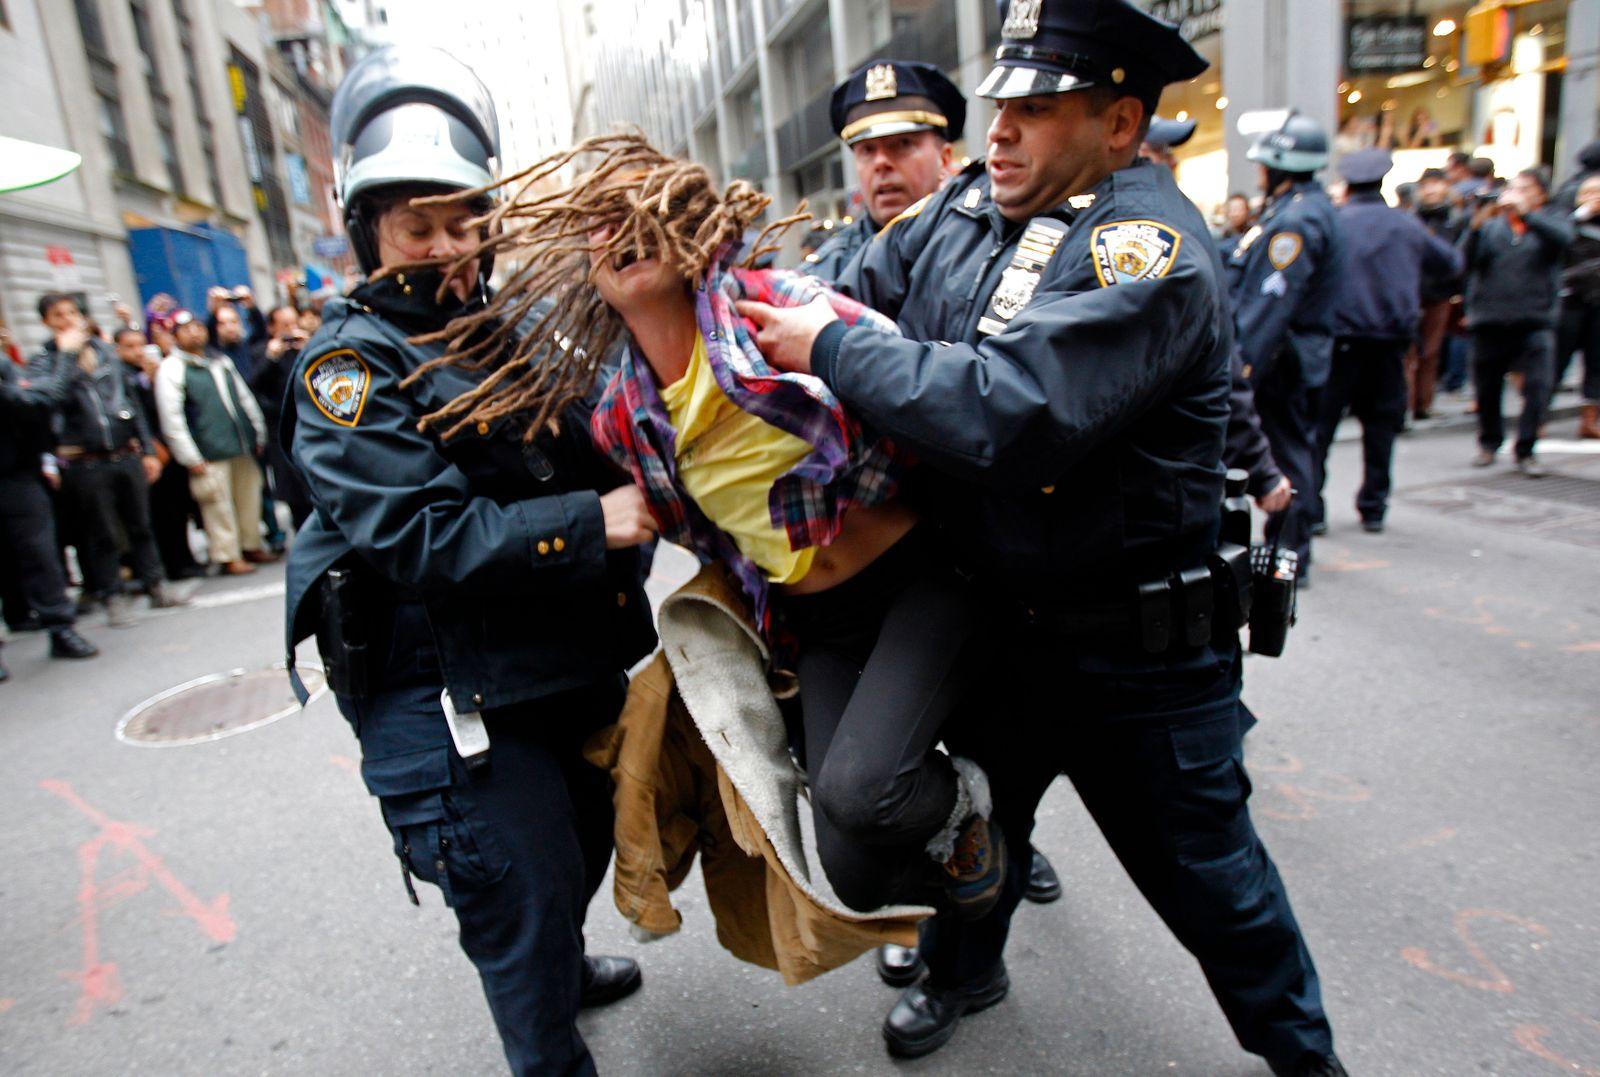 USA-PROTESTS /NEWYORK